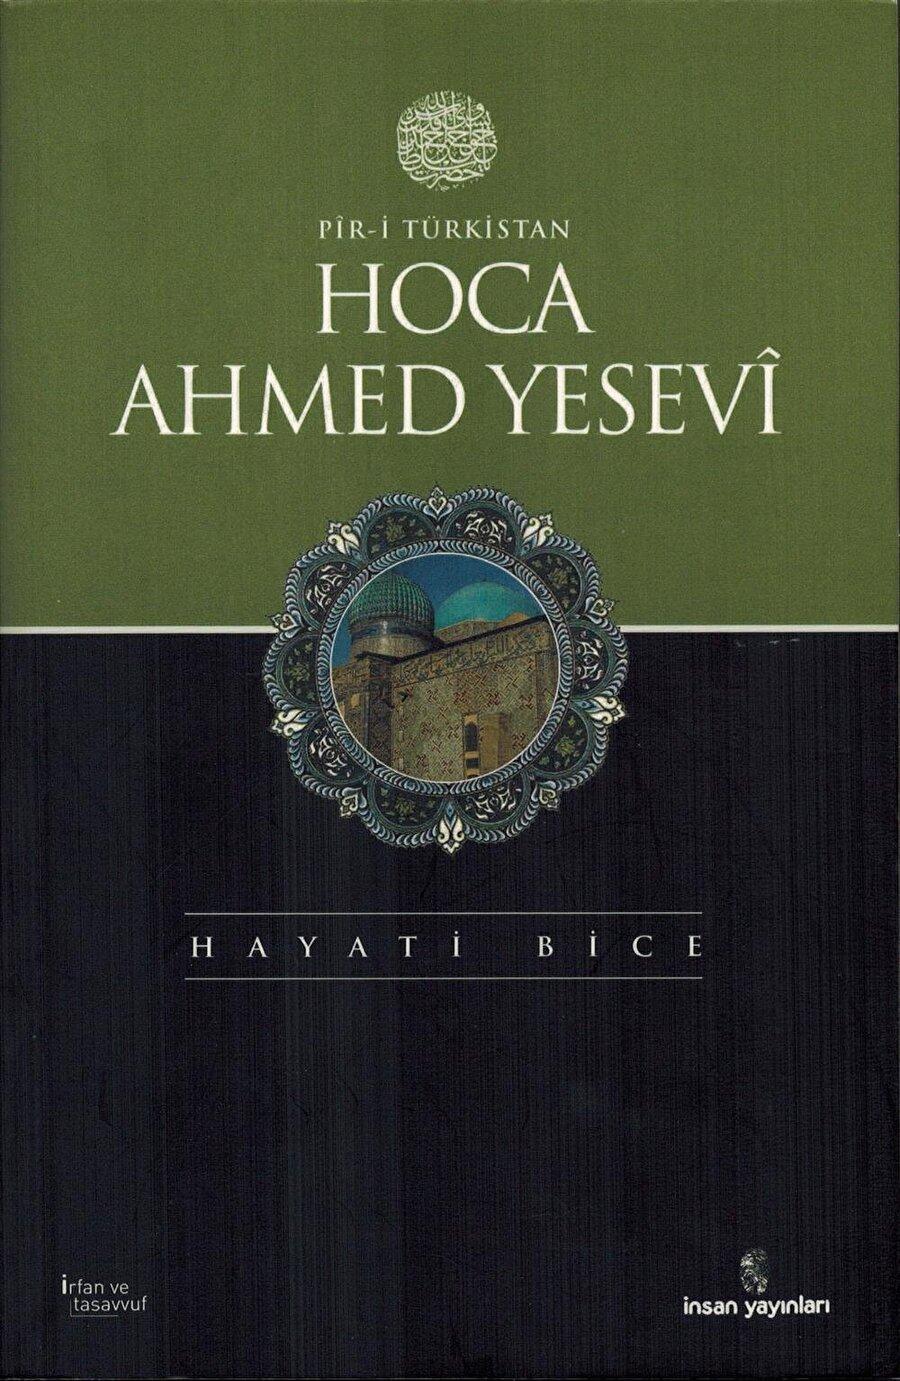 Pîr-i Türkistan Hoca Ahmed Yesevi, Dr. Hayati Bice, İnsan Yayınları, 2011.